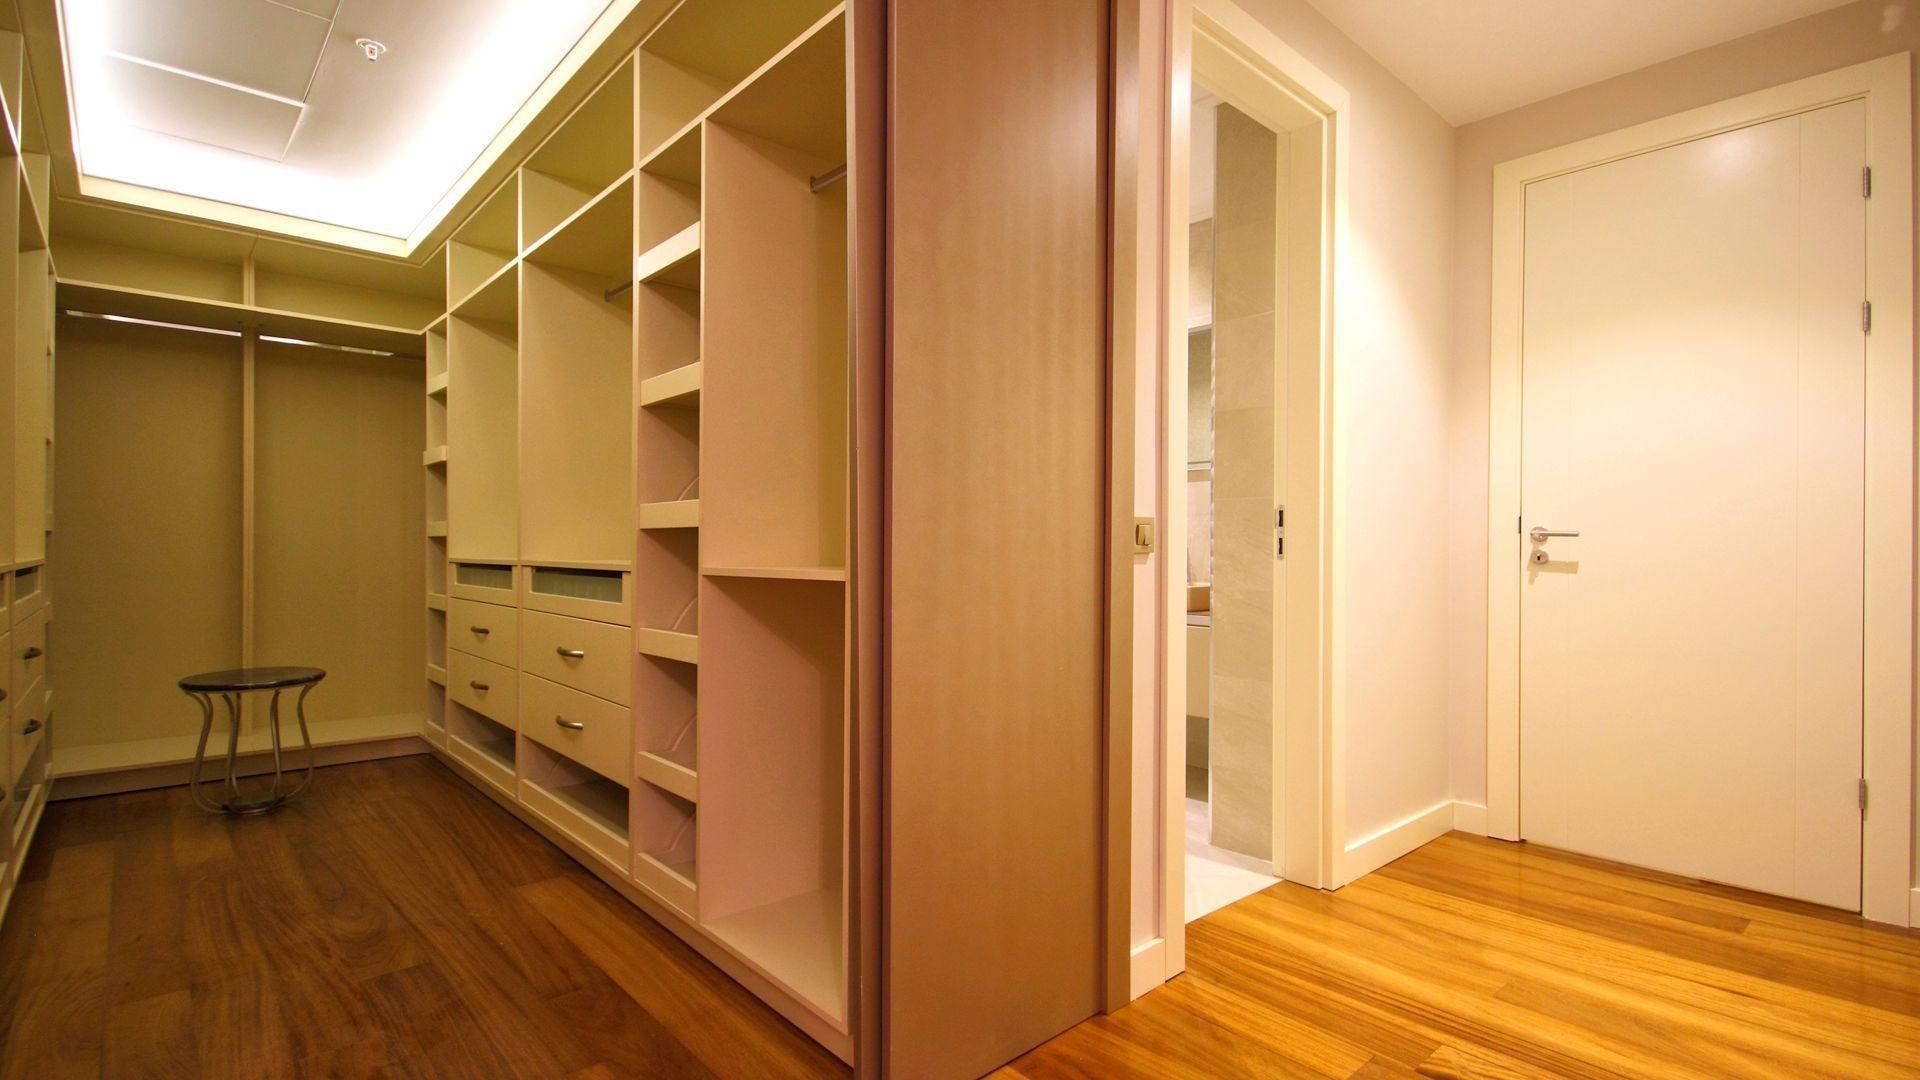 Montaje de muebles y complementos del hogar en Zamora